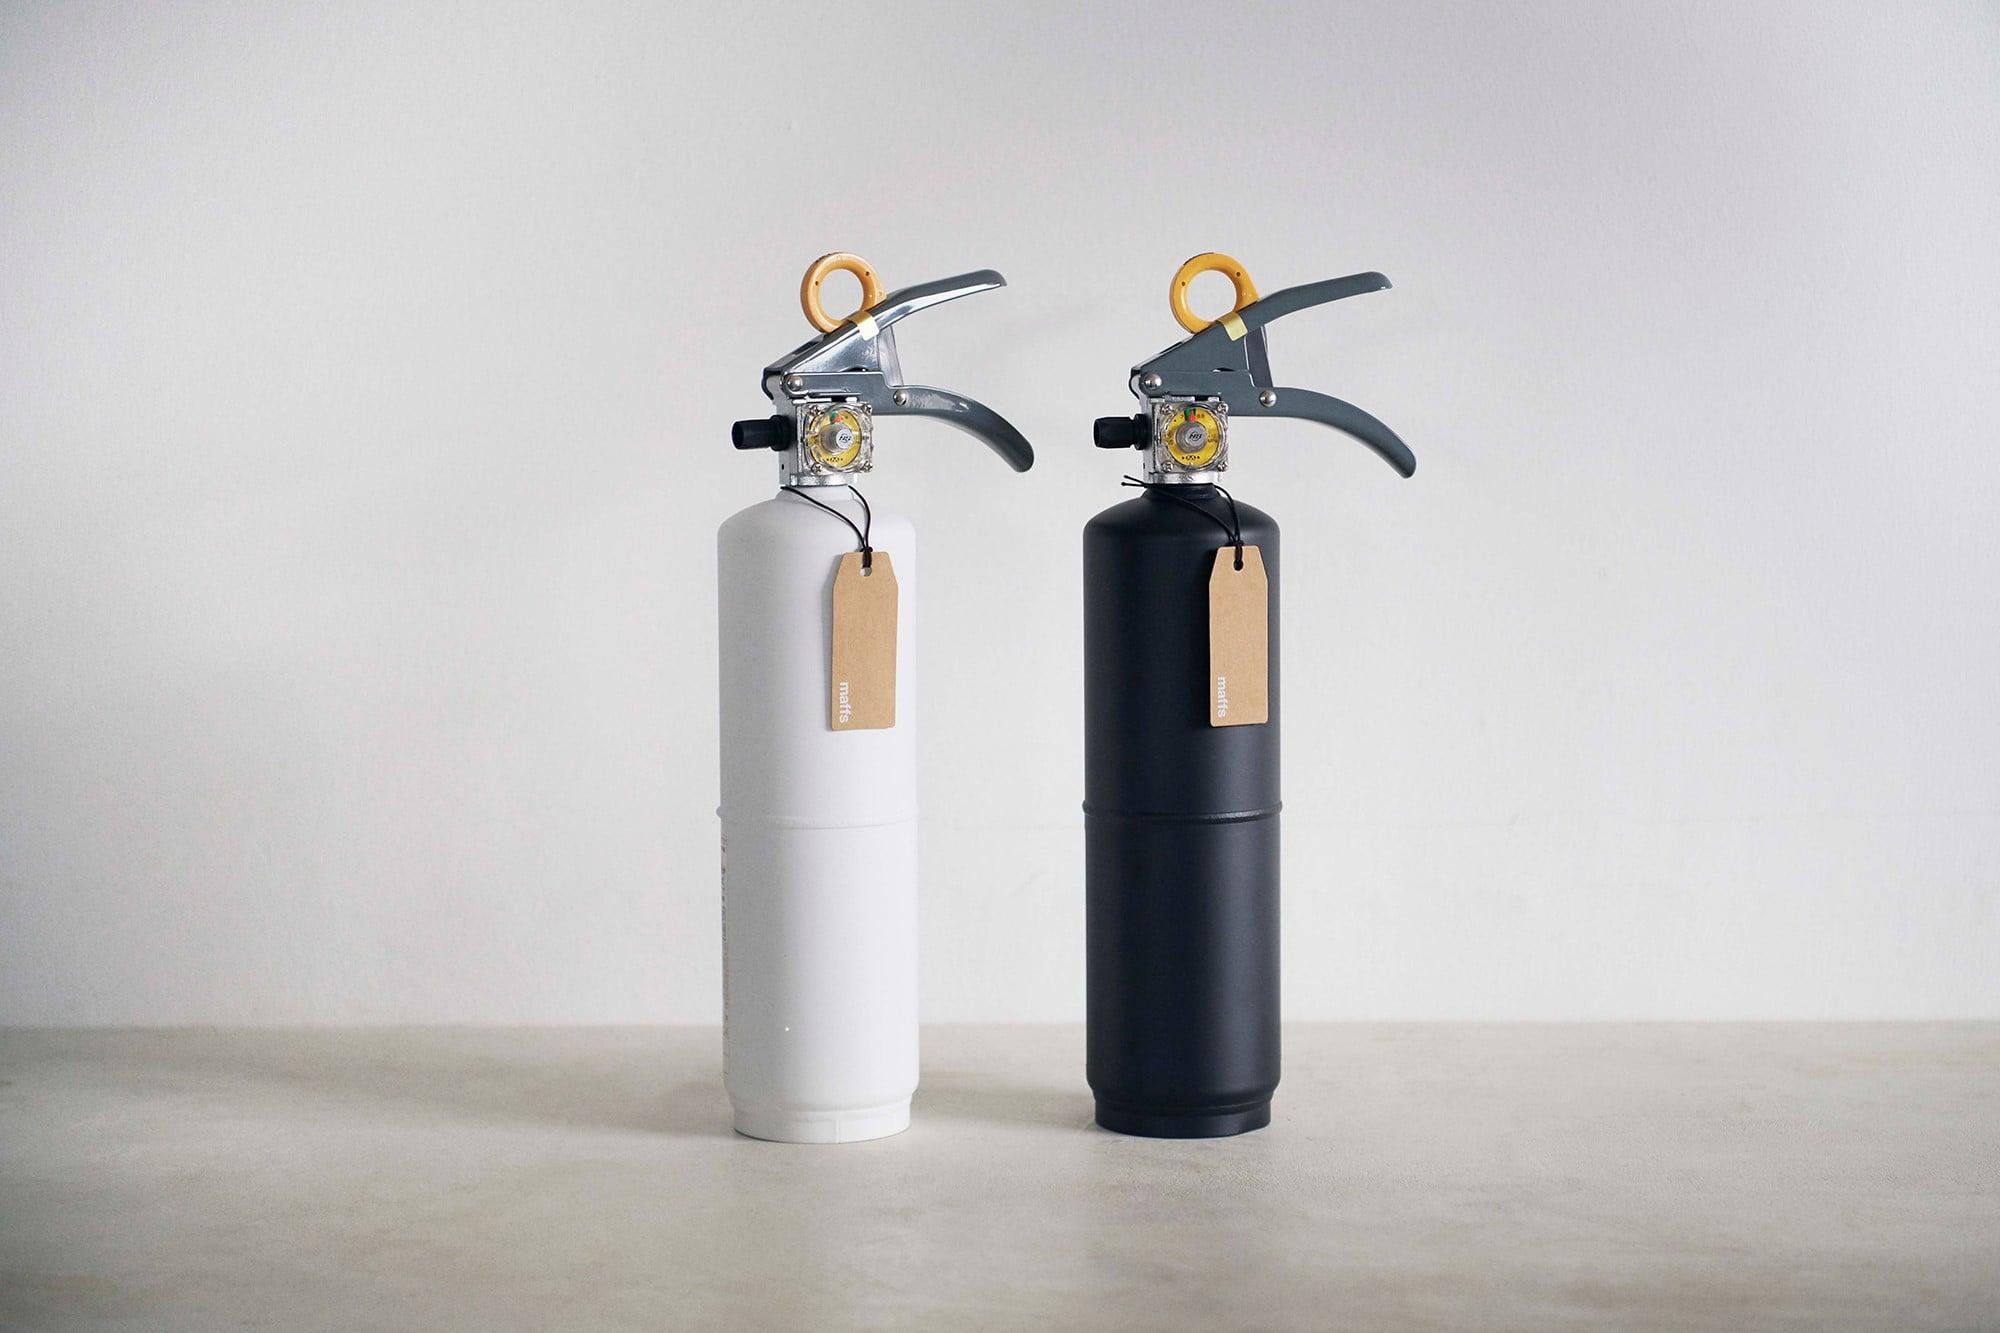 「防災をライフスタイルに」という理念のもとにデザインされた「+maffs」の住宅用消火器